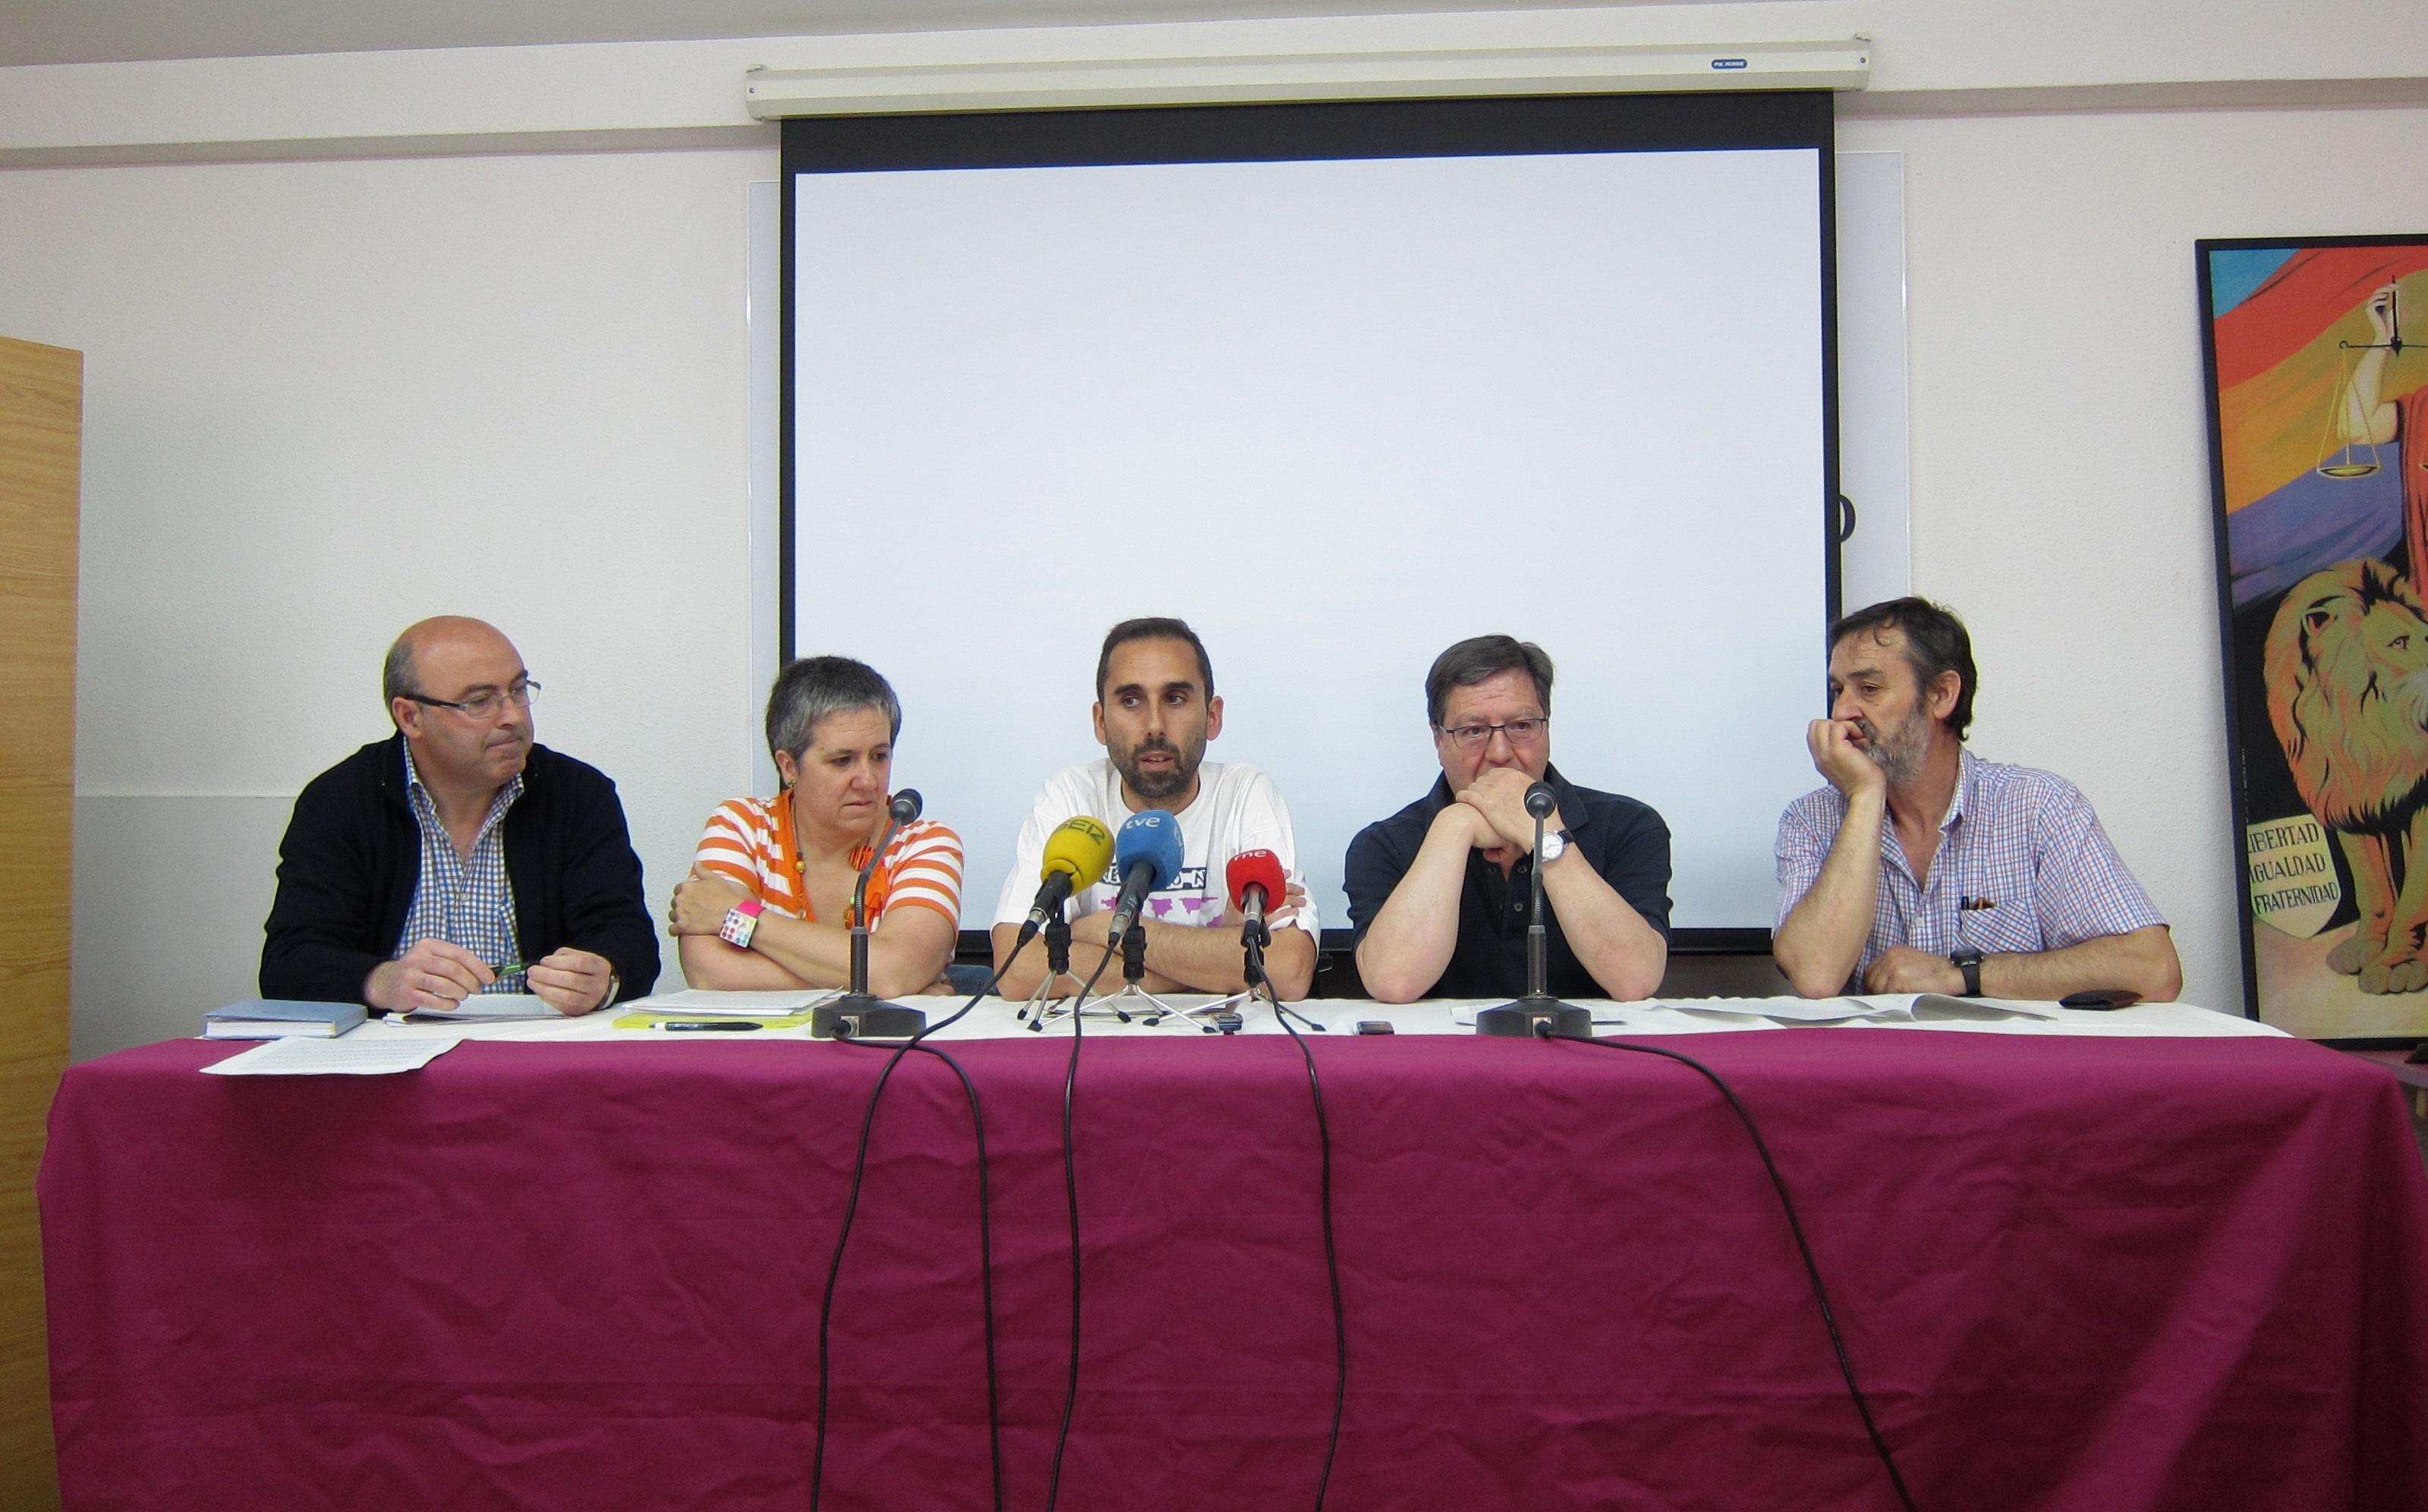 Ecologistas, IU, Facua y vecinos piden el cierre del vertedero de Santovenia (Valladolid) y el cese de Clemente